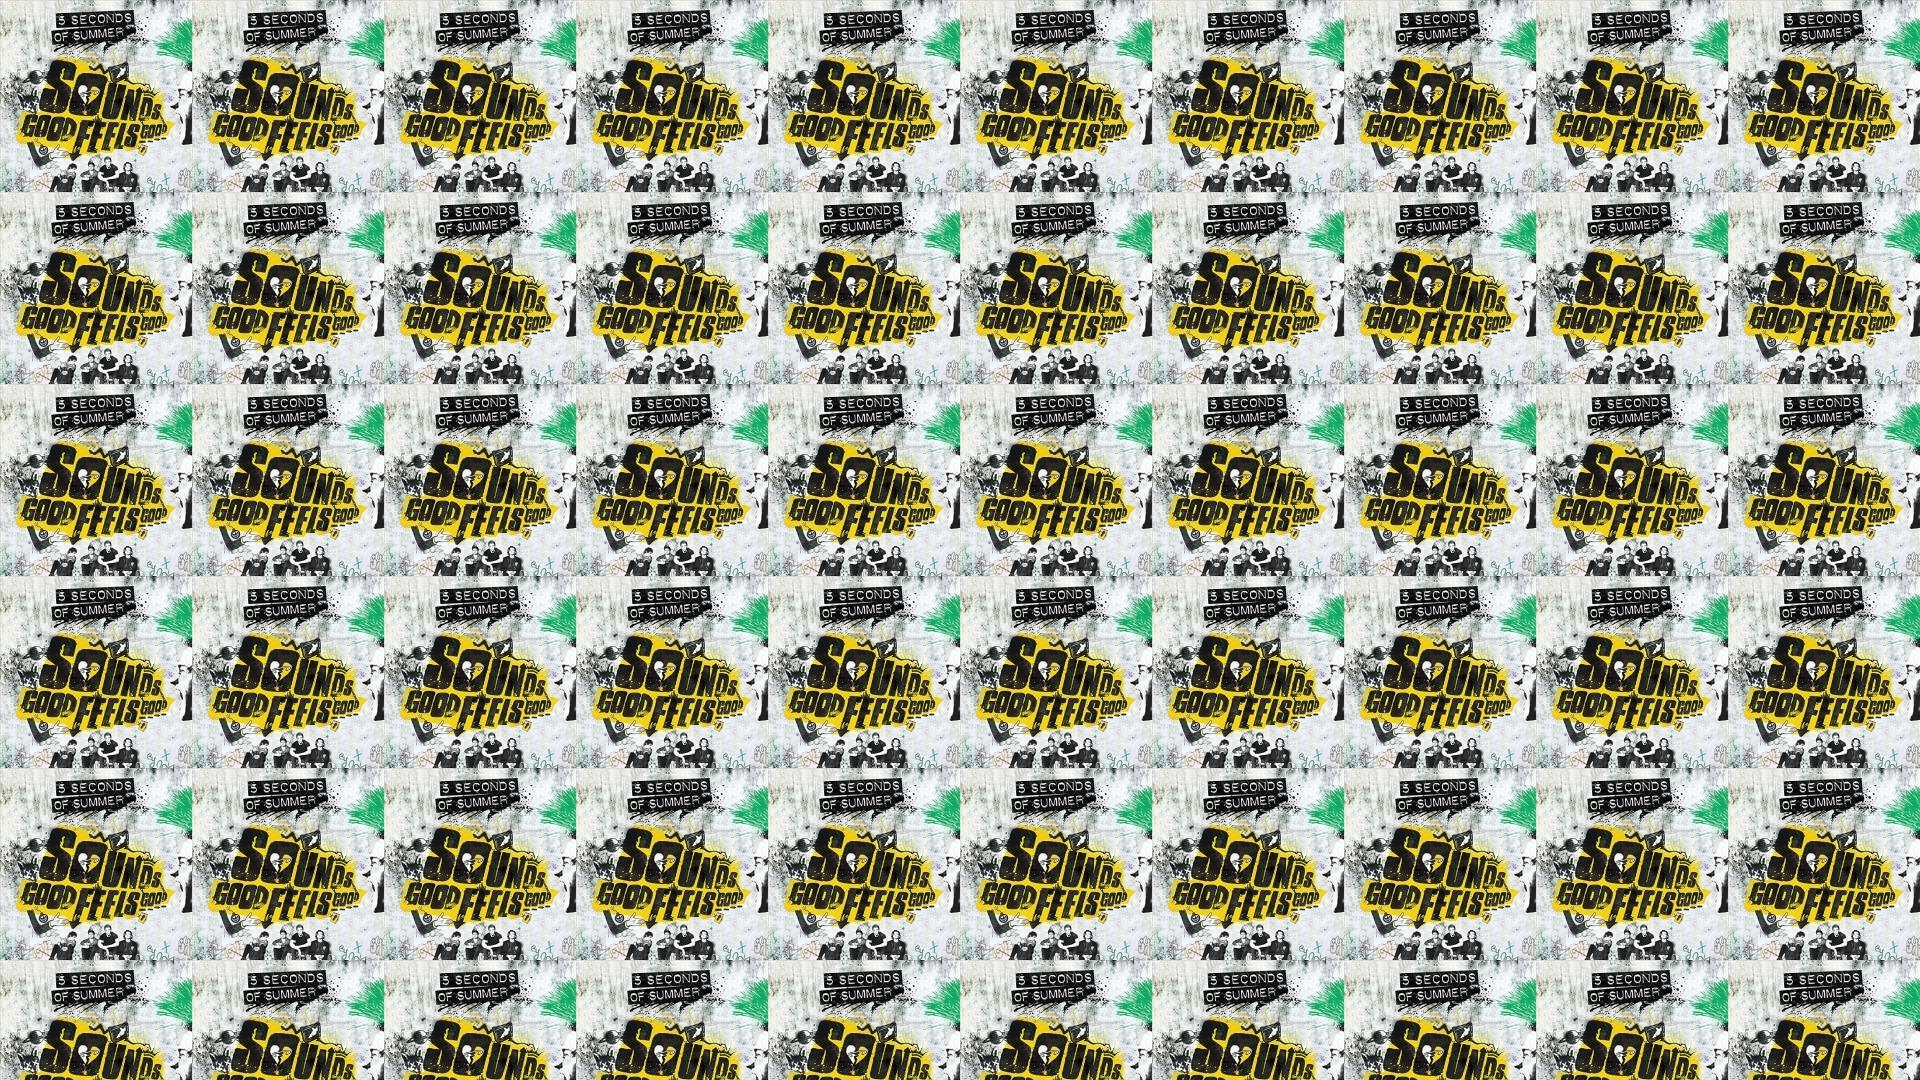 5 Seconds Summer Sounds Good Feels Good Wallpaper Â« Tiled Desktop Wallpaper